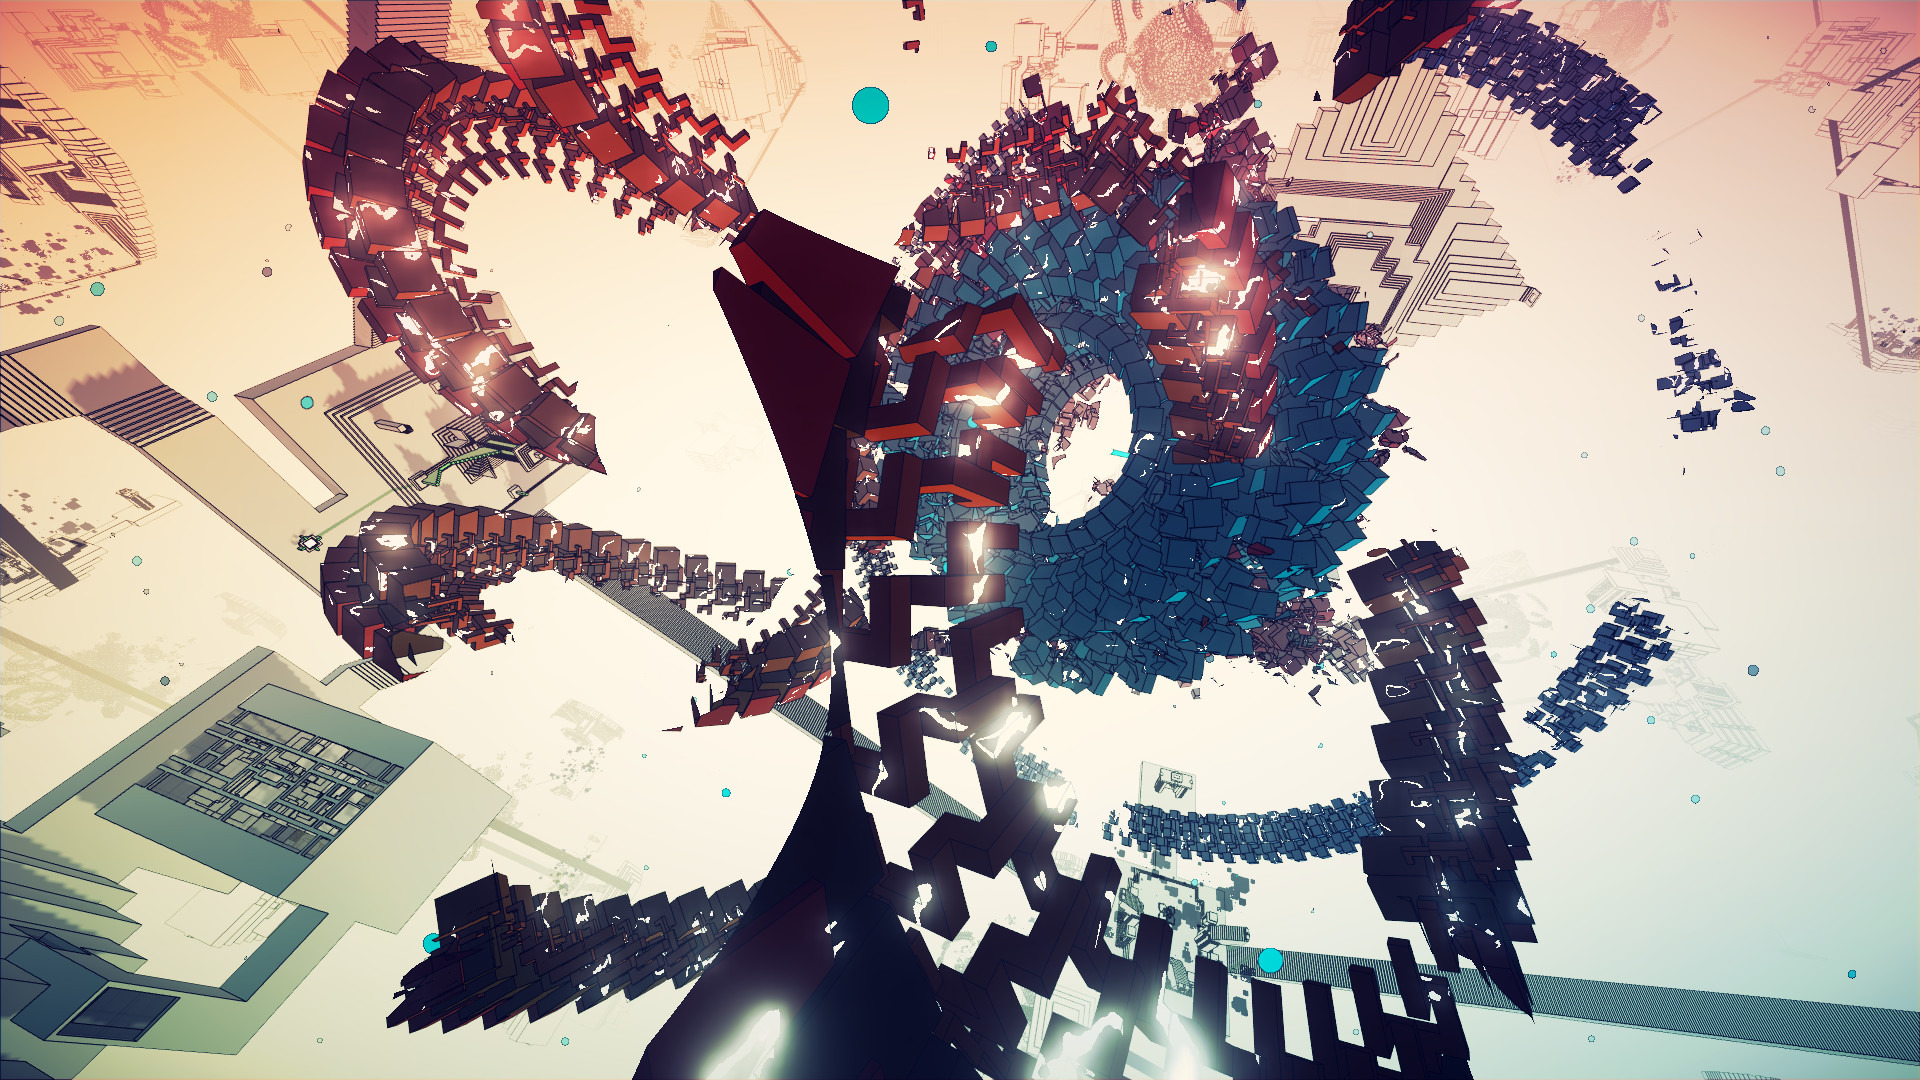 7年かけて開発されたエッシャー的世界観の一人称パズル Manifold Garden Steam版がリリース Game Spark 国内 海外ゲーム情報サイト